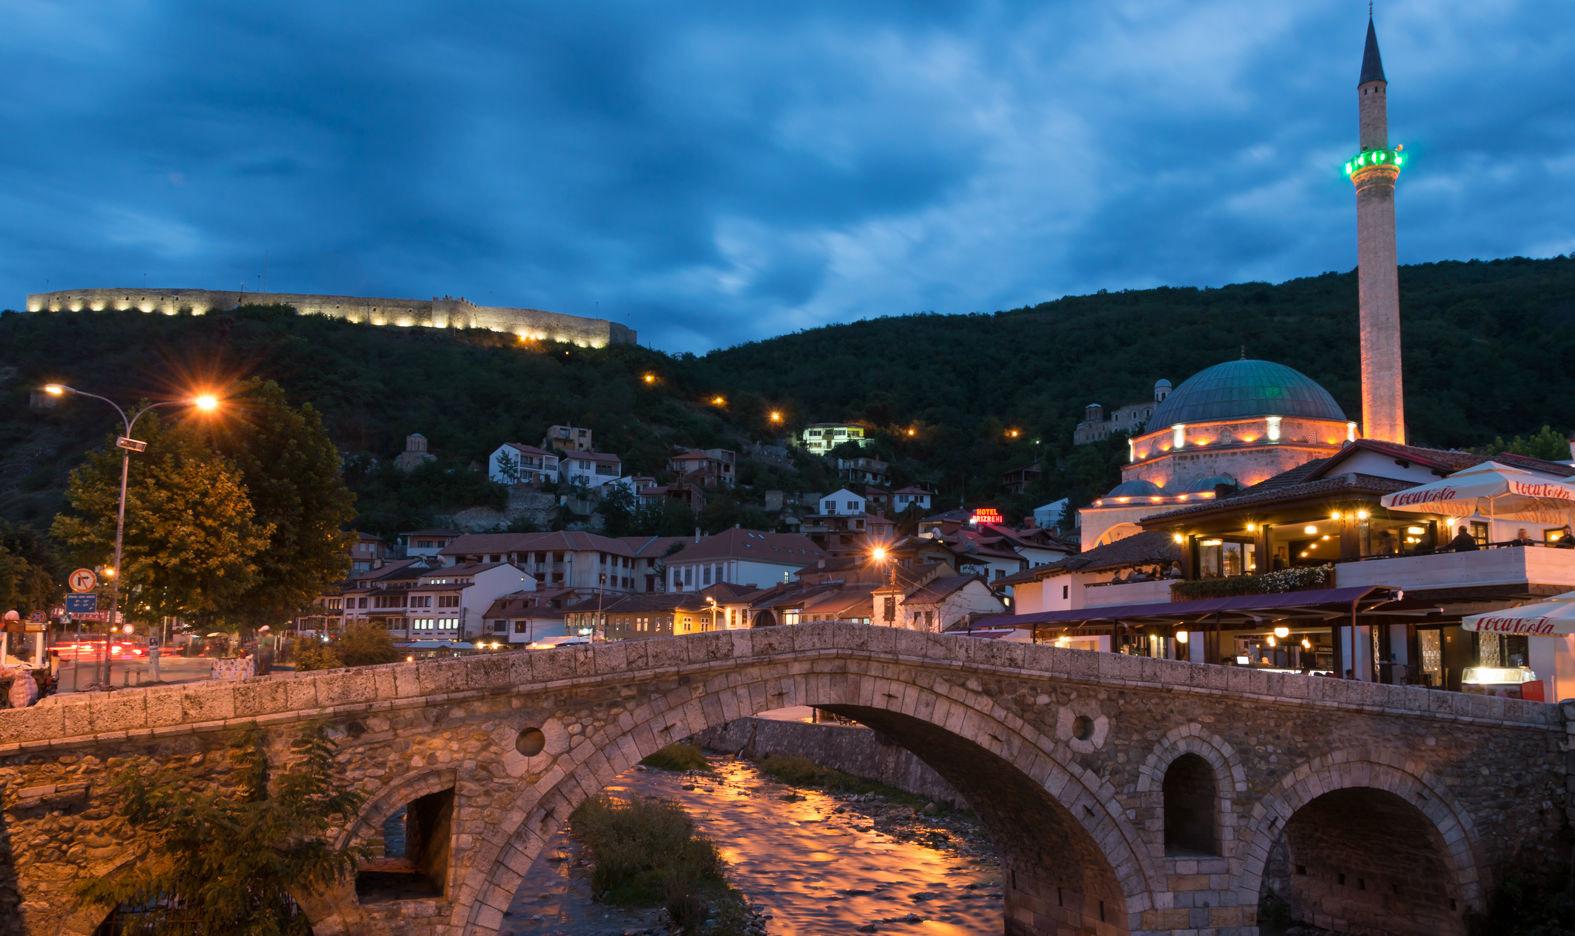 kosova turistik ile ilgili görsel sonucu